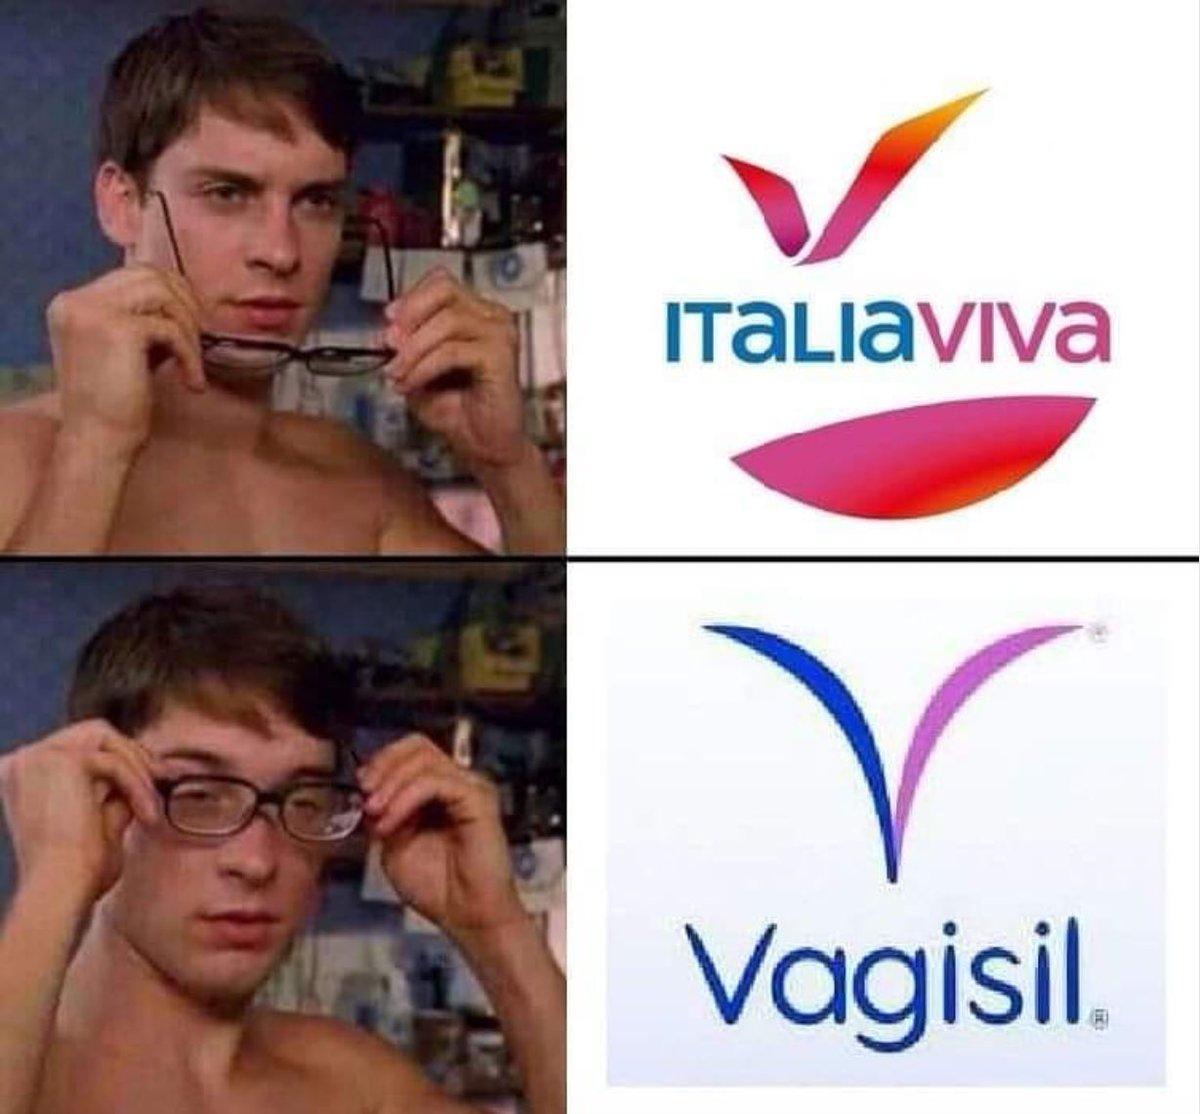 italiaviva